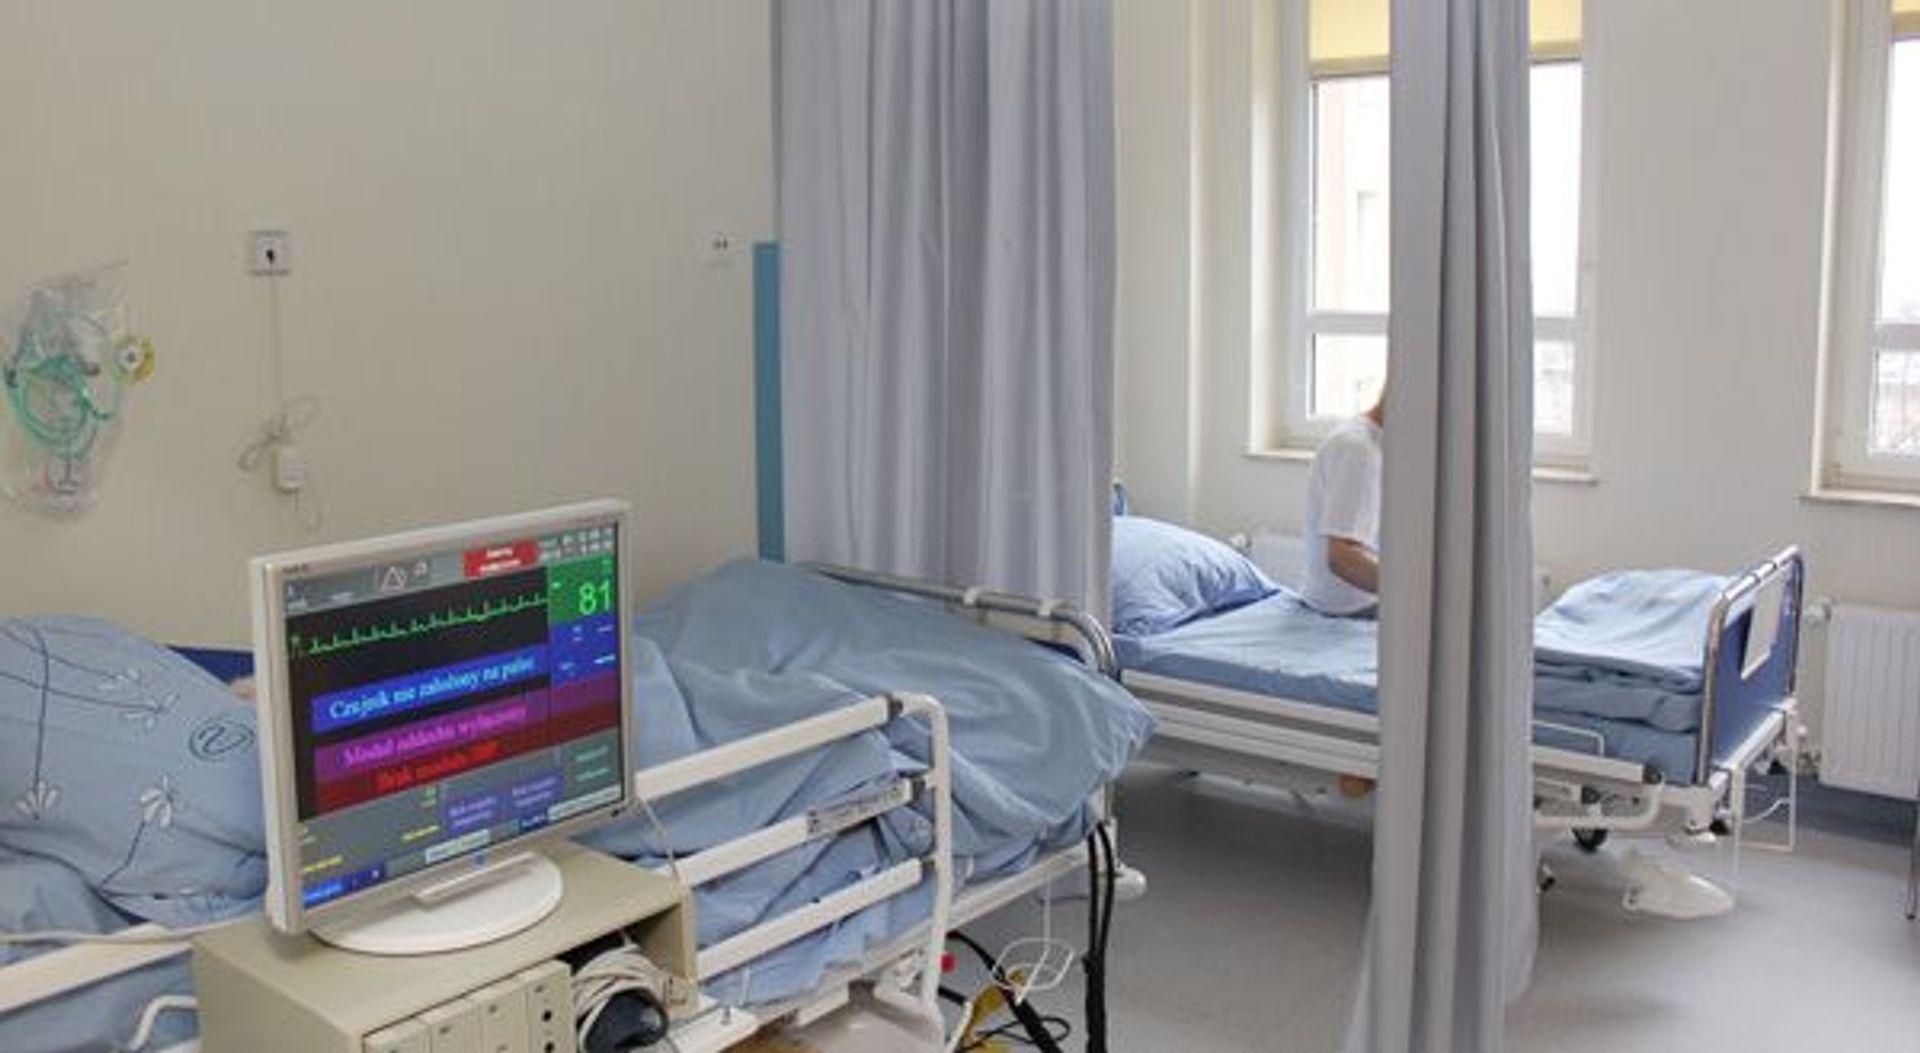 [śląskie] Sosnowiecki szpital coraz nowocześniejszy